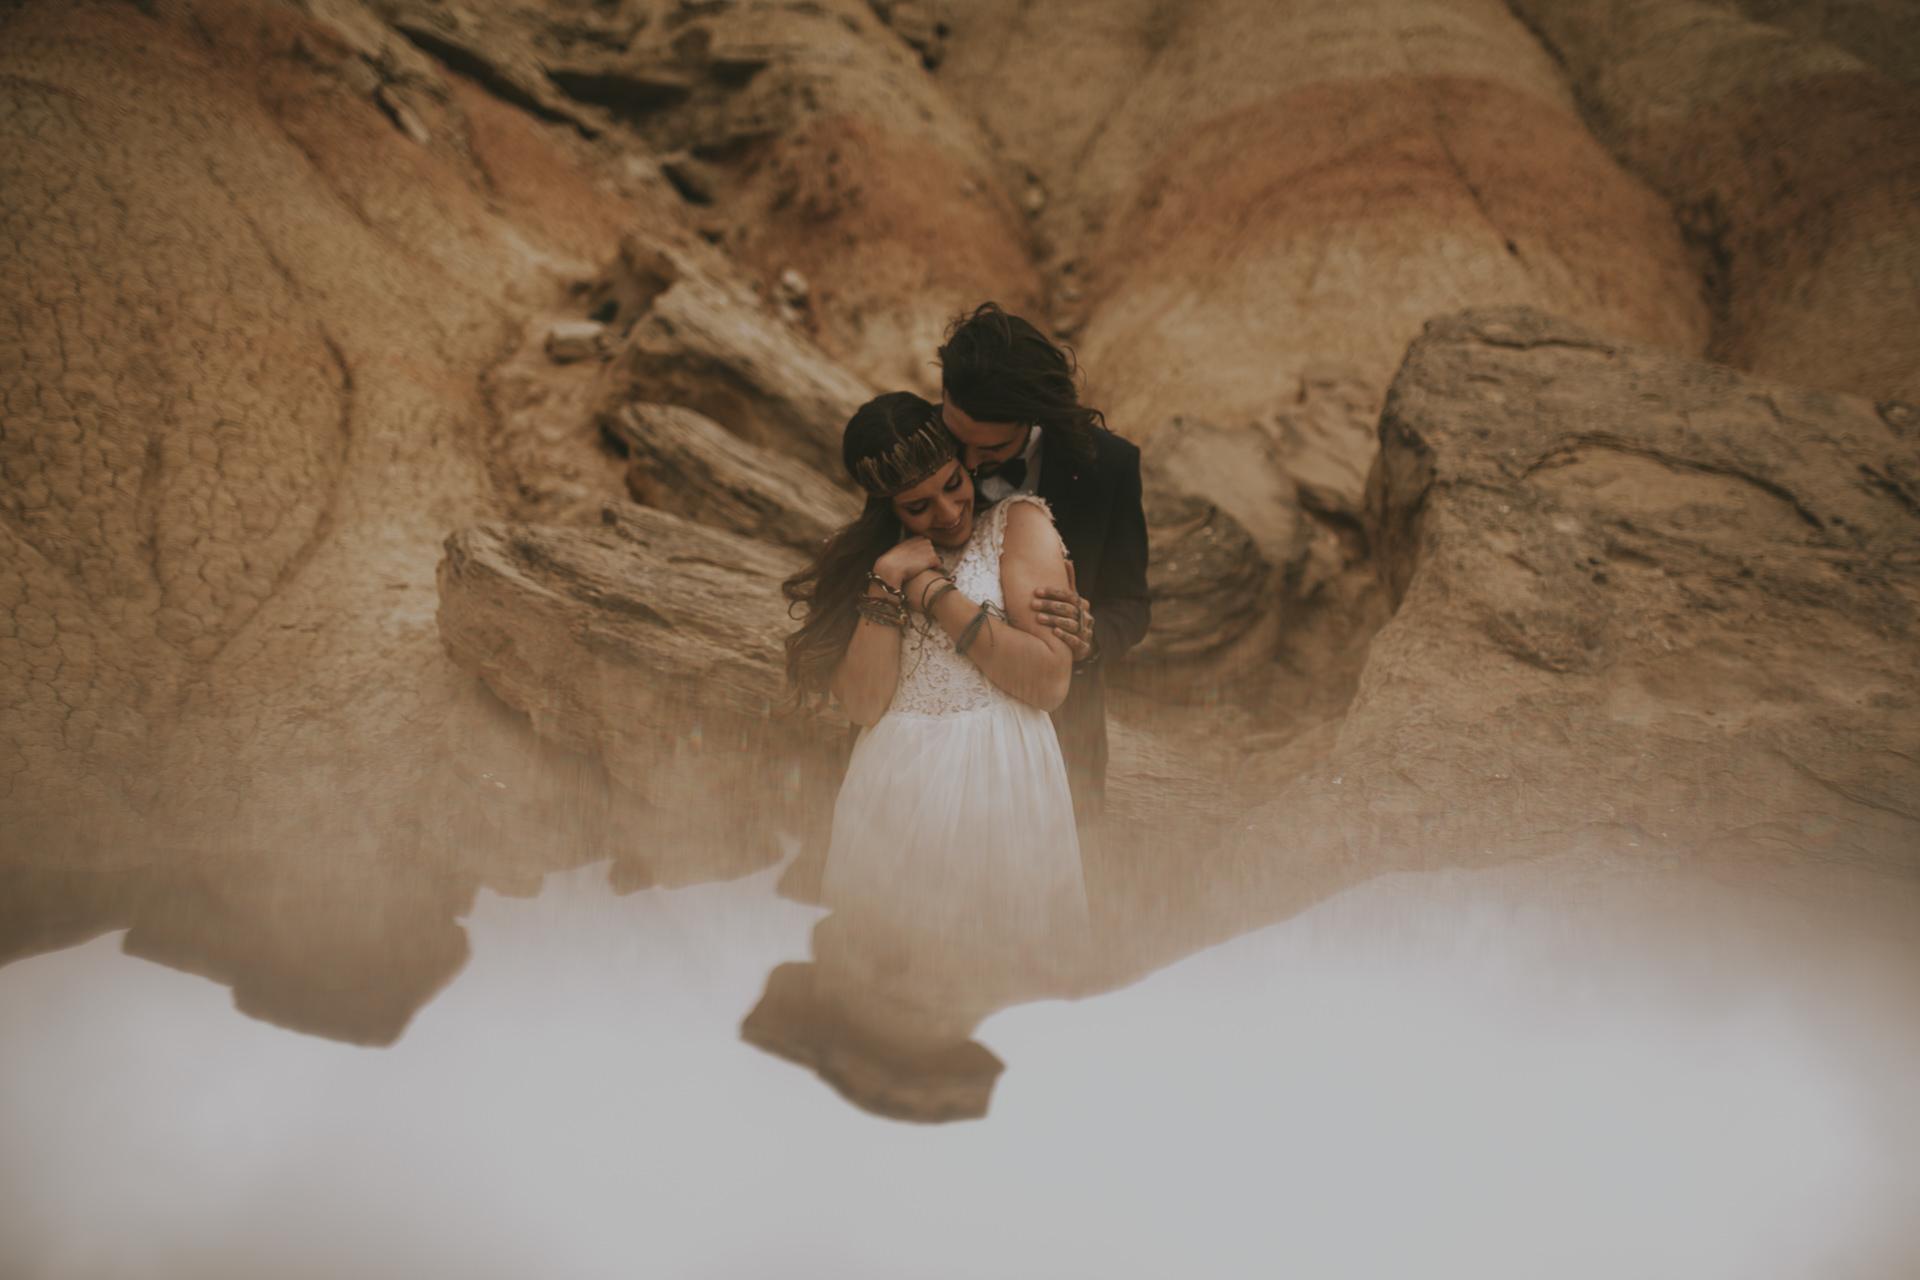 steven bassilieaux photographer sud ouest bordeaux bergerac dodogne elopement Bardeans desert espagne spain espana mariage wedding_-12.jpg